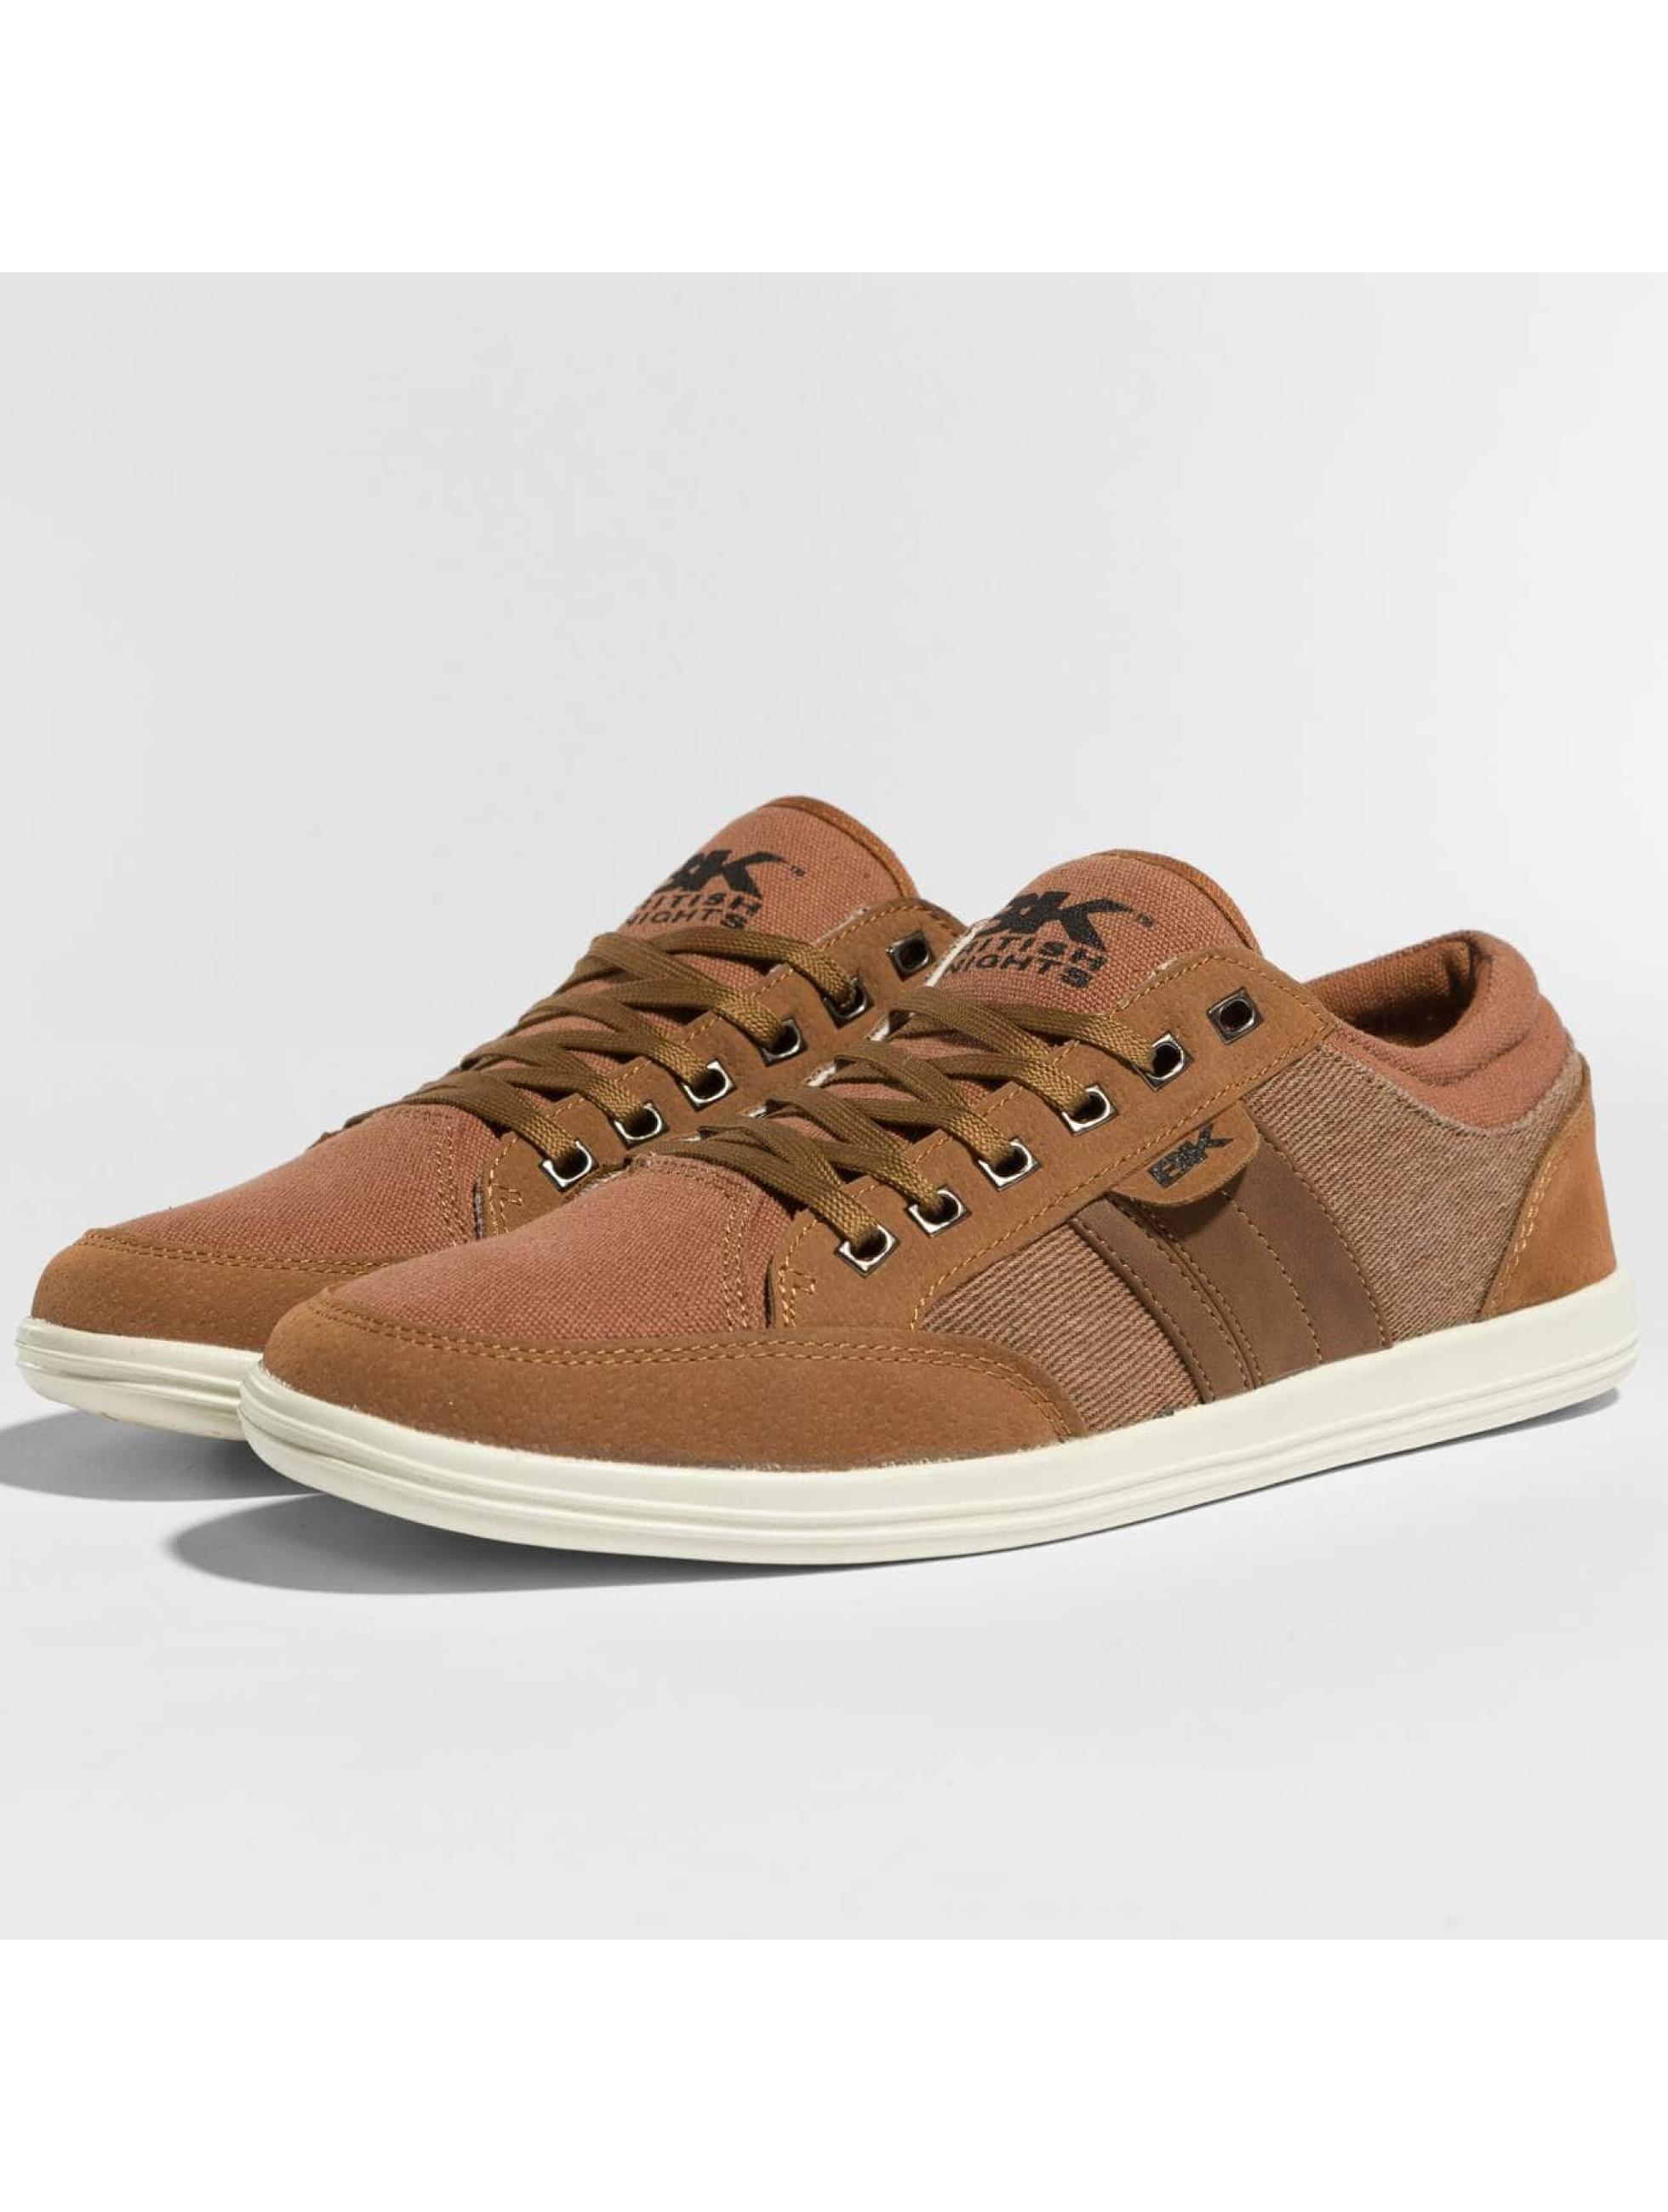 Chaussures Brown Chevaliers Britanniques Pour Les Hommes RlZcOxut